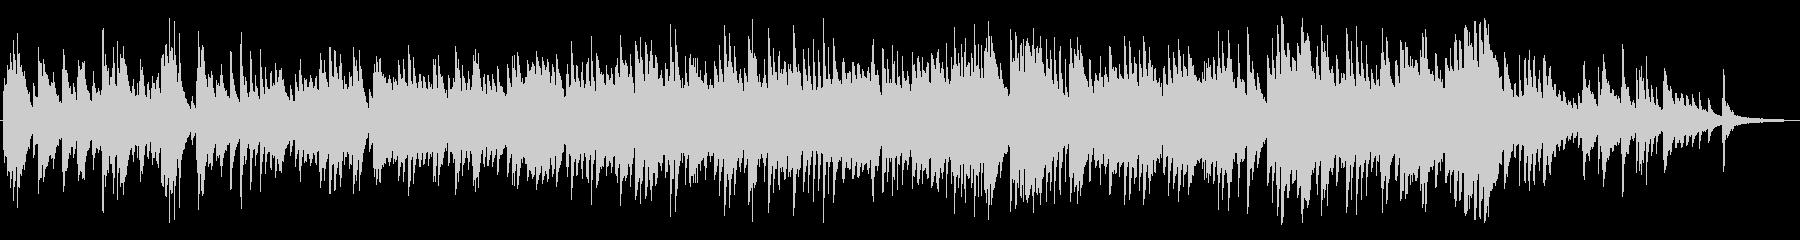 悲しい、沈むようにシリアスなピアノBGMの未再生の波形